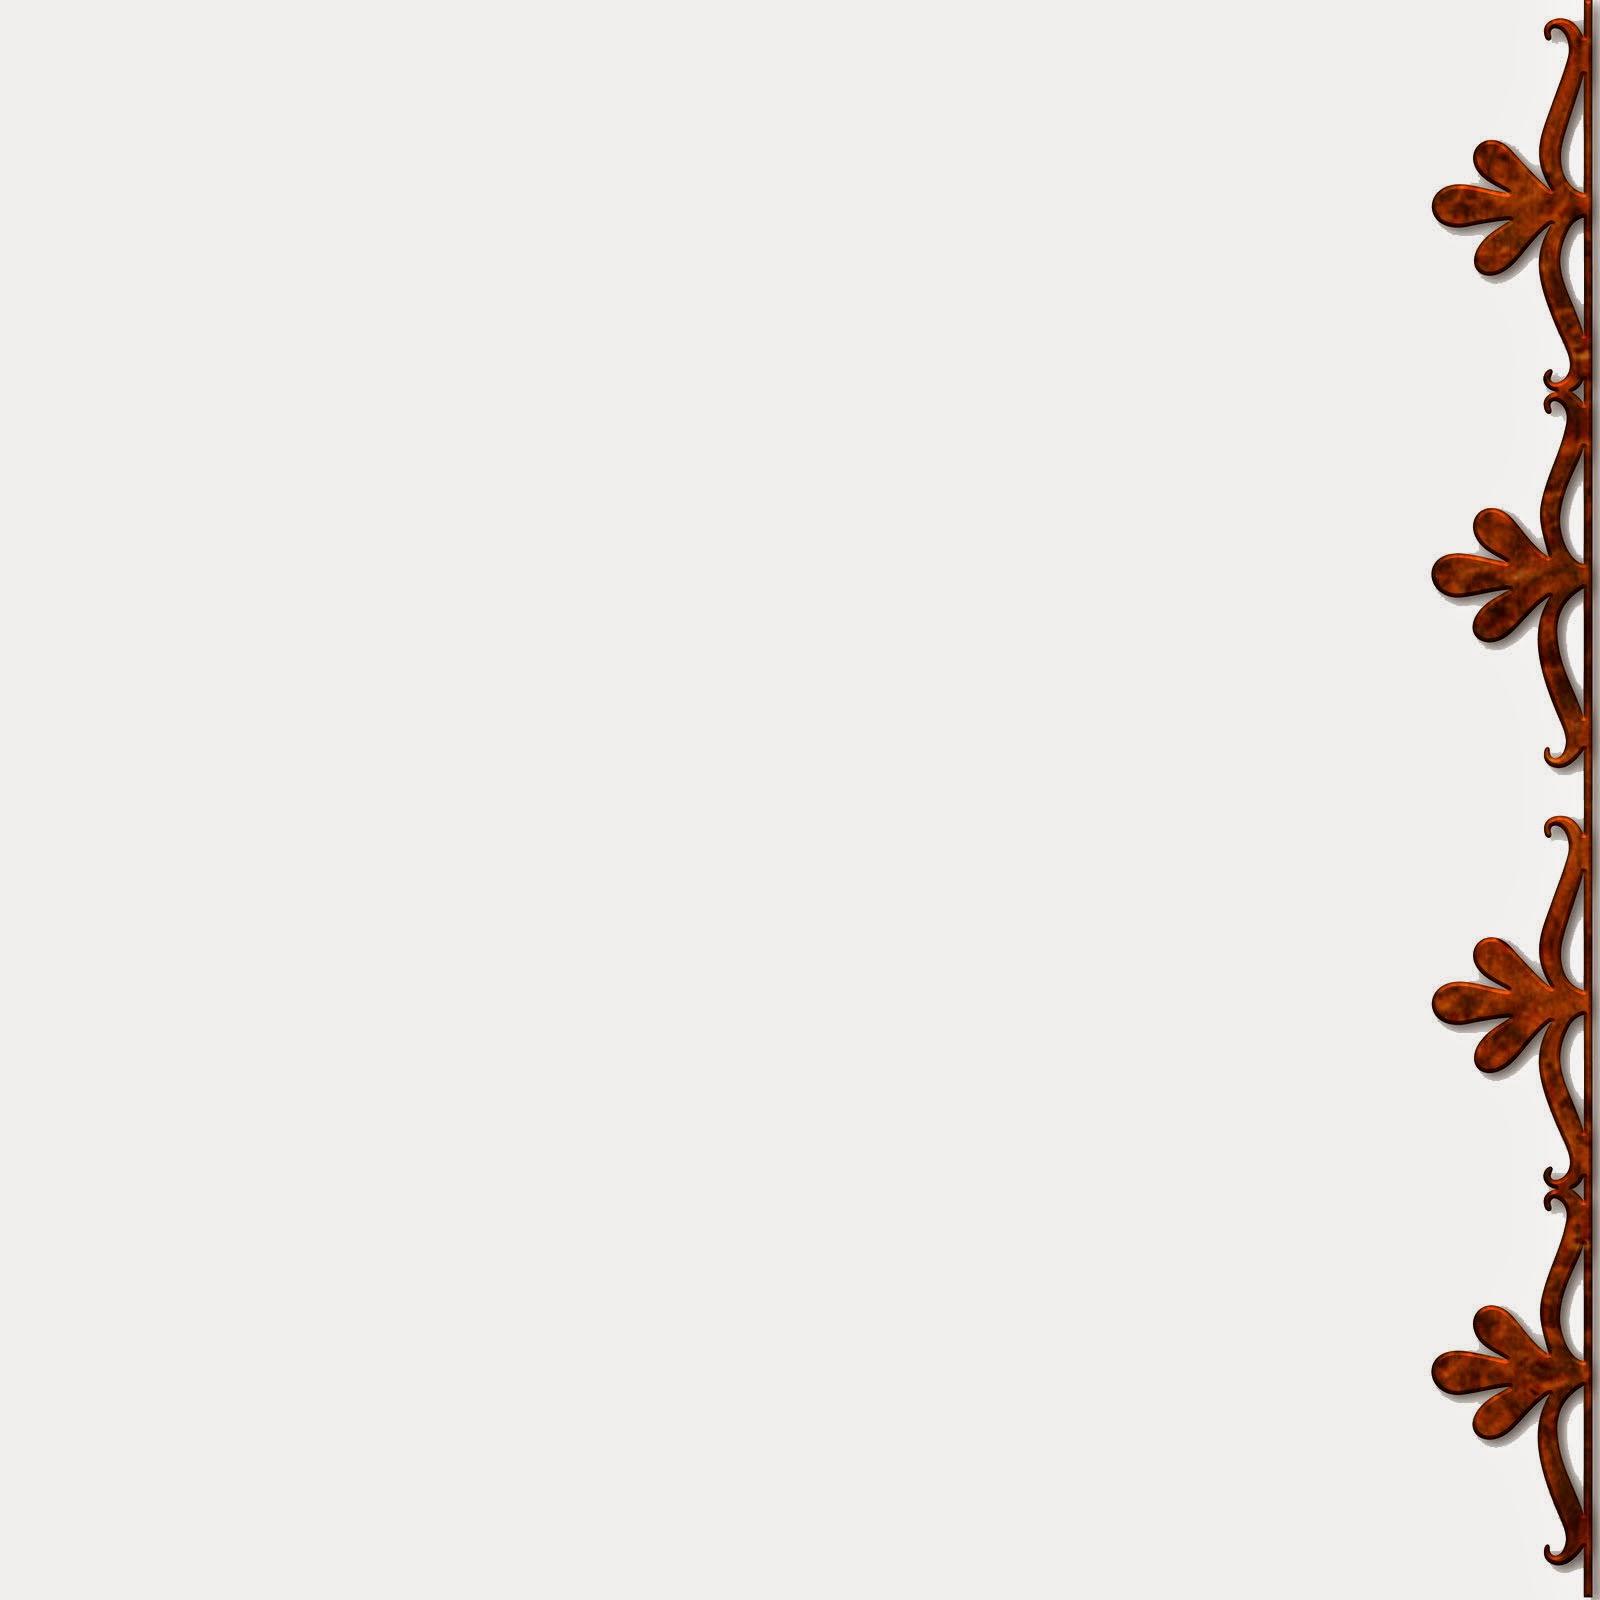 http://2.bp.blogspot.com/-ET-_PhGB77k/U_24j3y33ZI/AAAAAAAAEAE/Iqo6zWOgymY/s1600/bronze.jpg